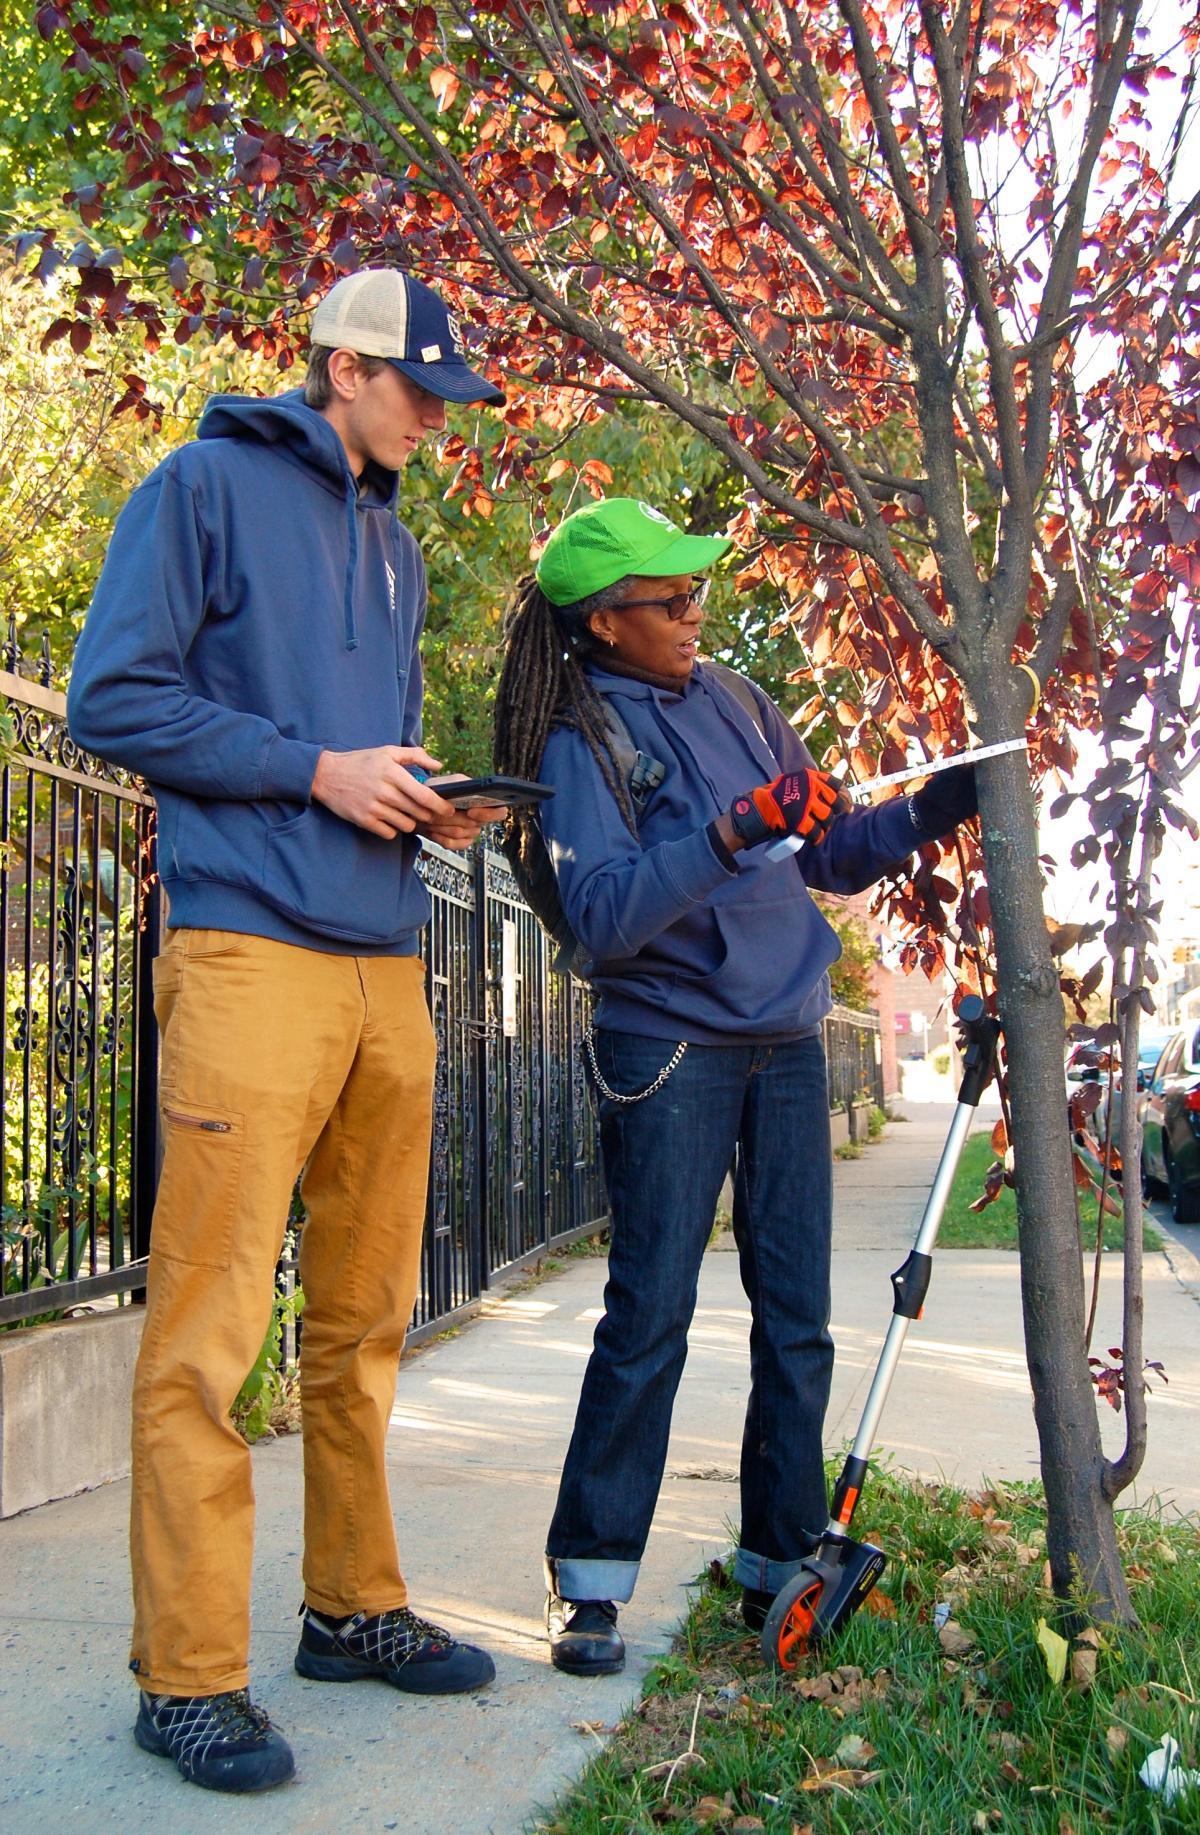 New York city has street trees all cataloged new york New York: city has street trees all cataloged New York city has street trees all cataloged 1